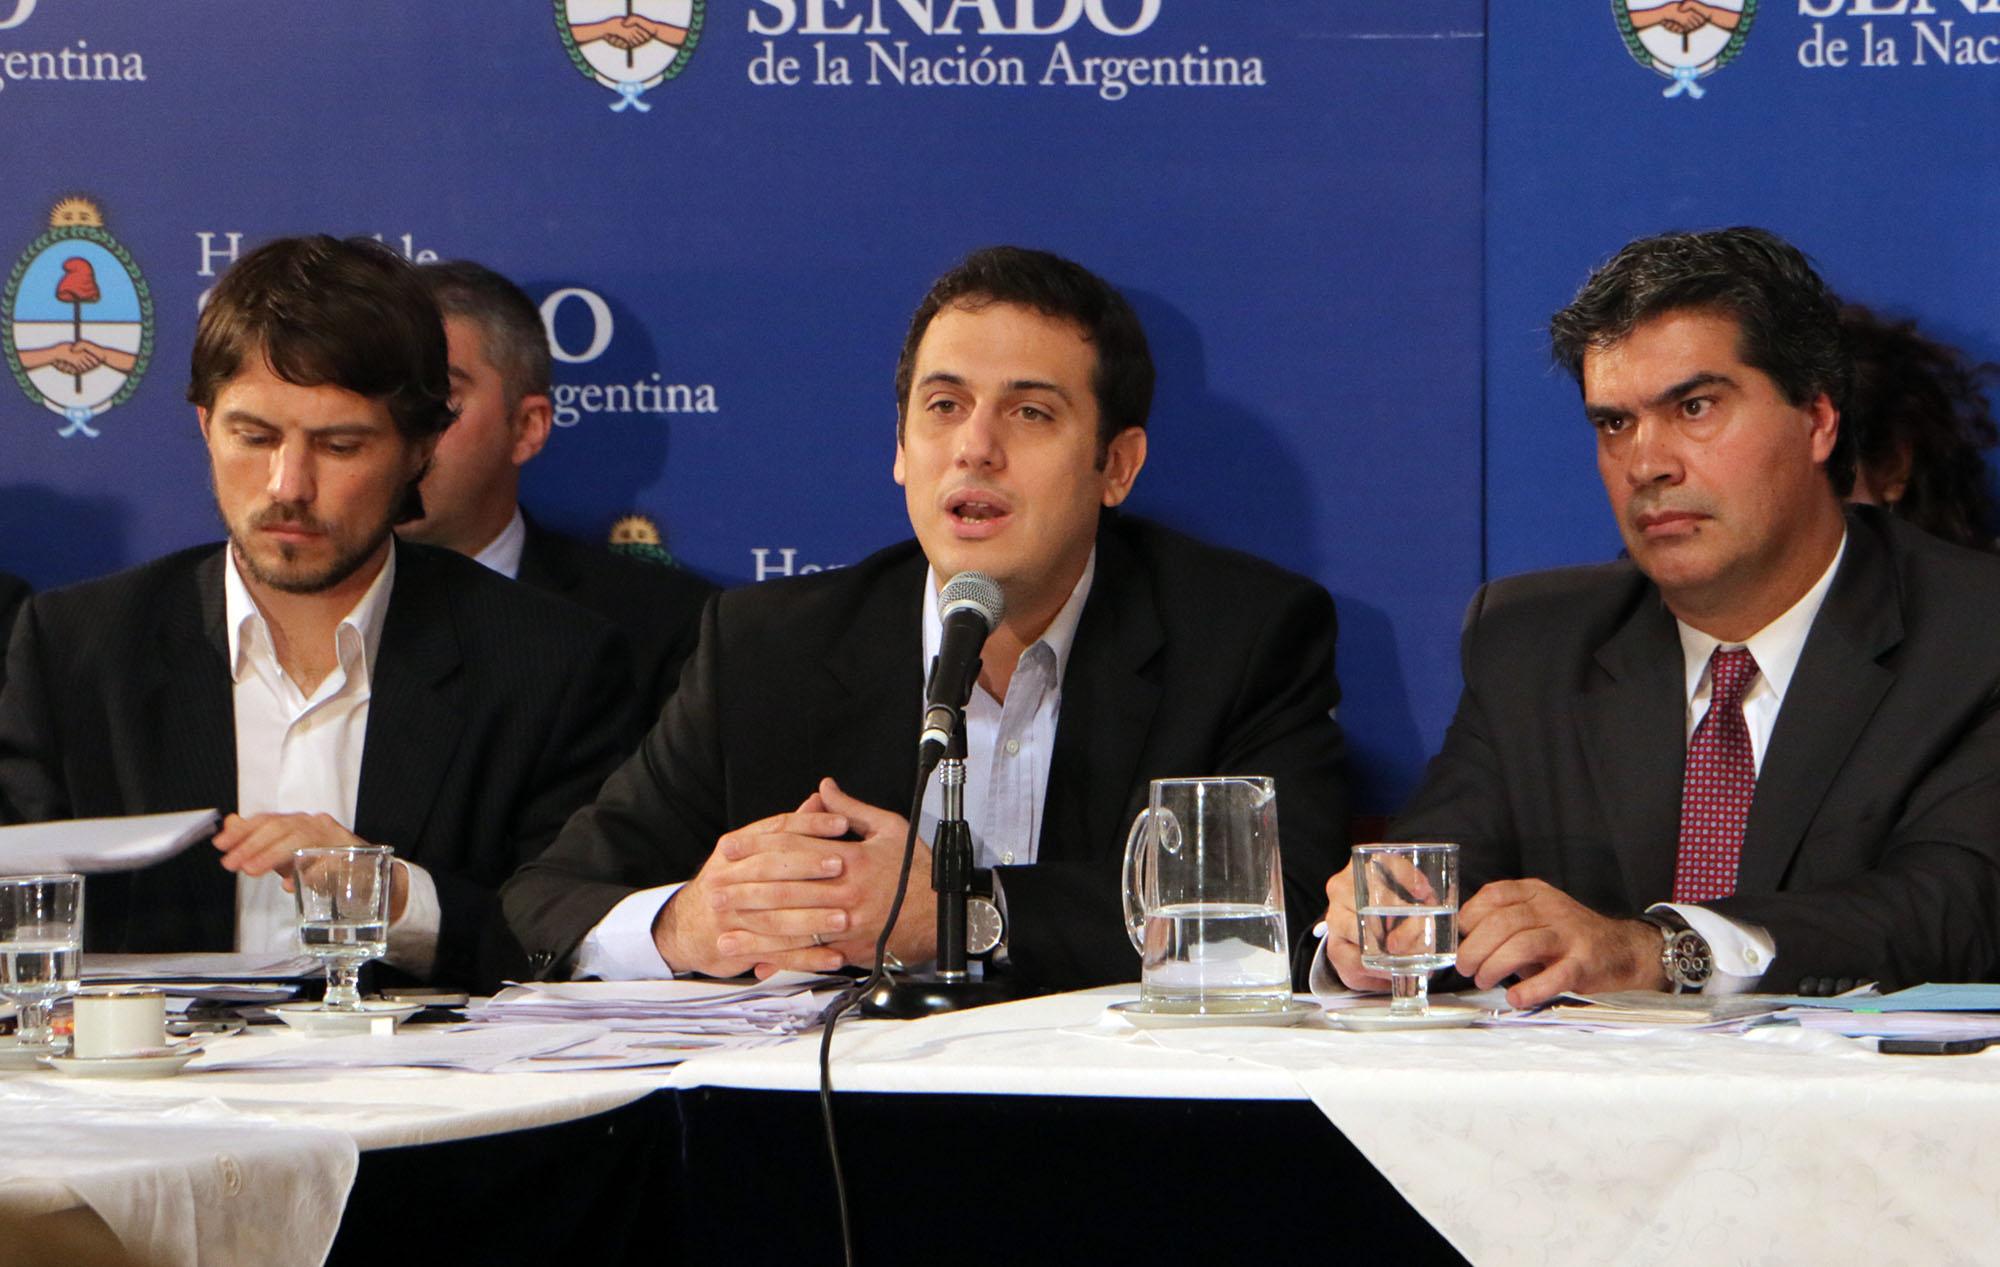 """Julián Alvarez: """"Estamos proponiendo reglas claras sobre las relaciones de consumo"""""""